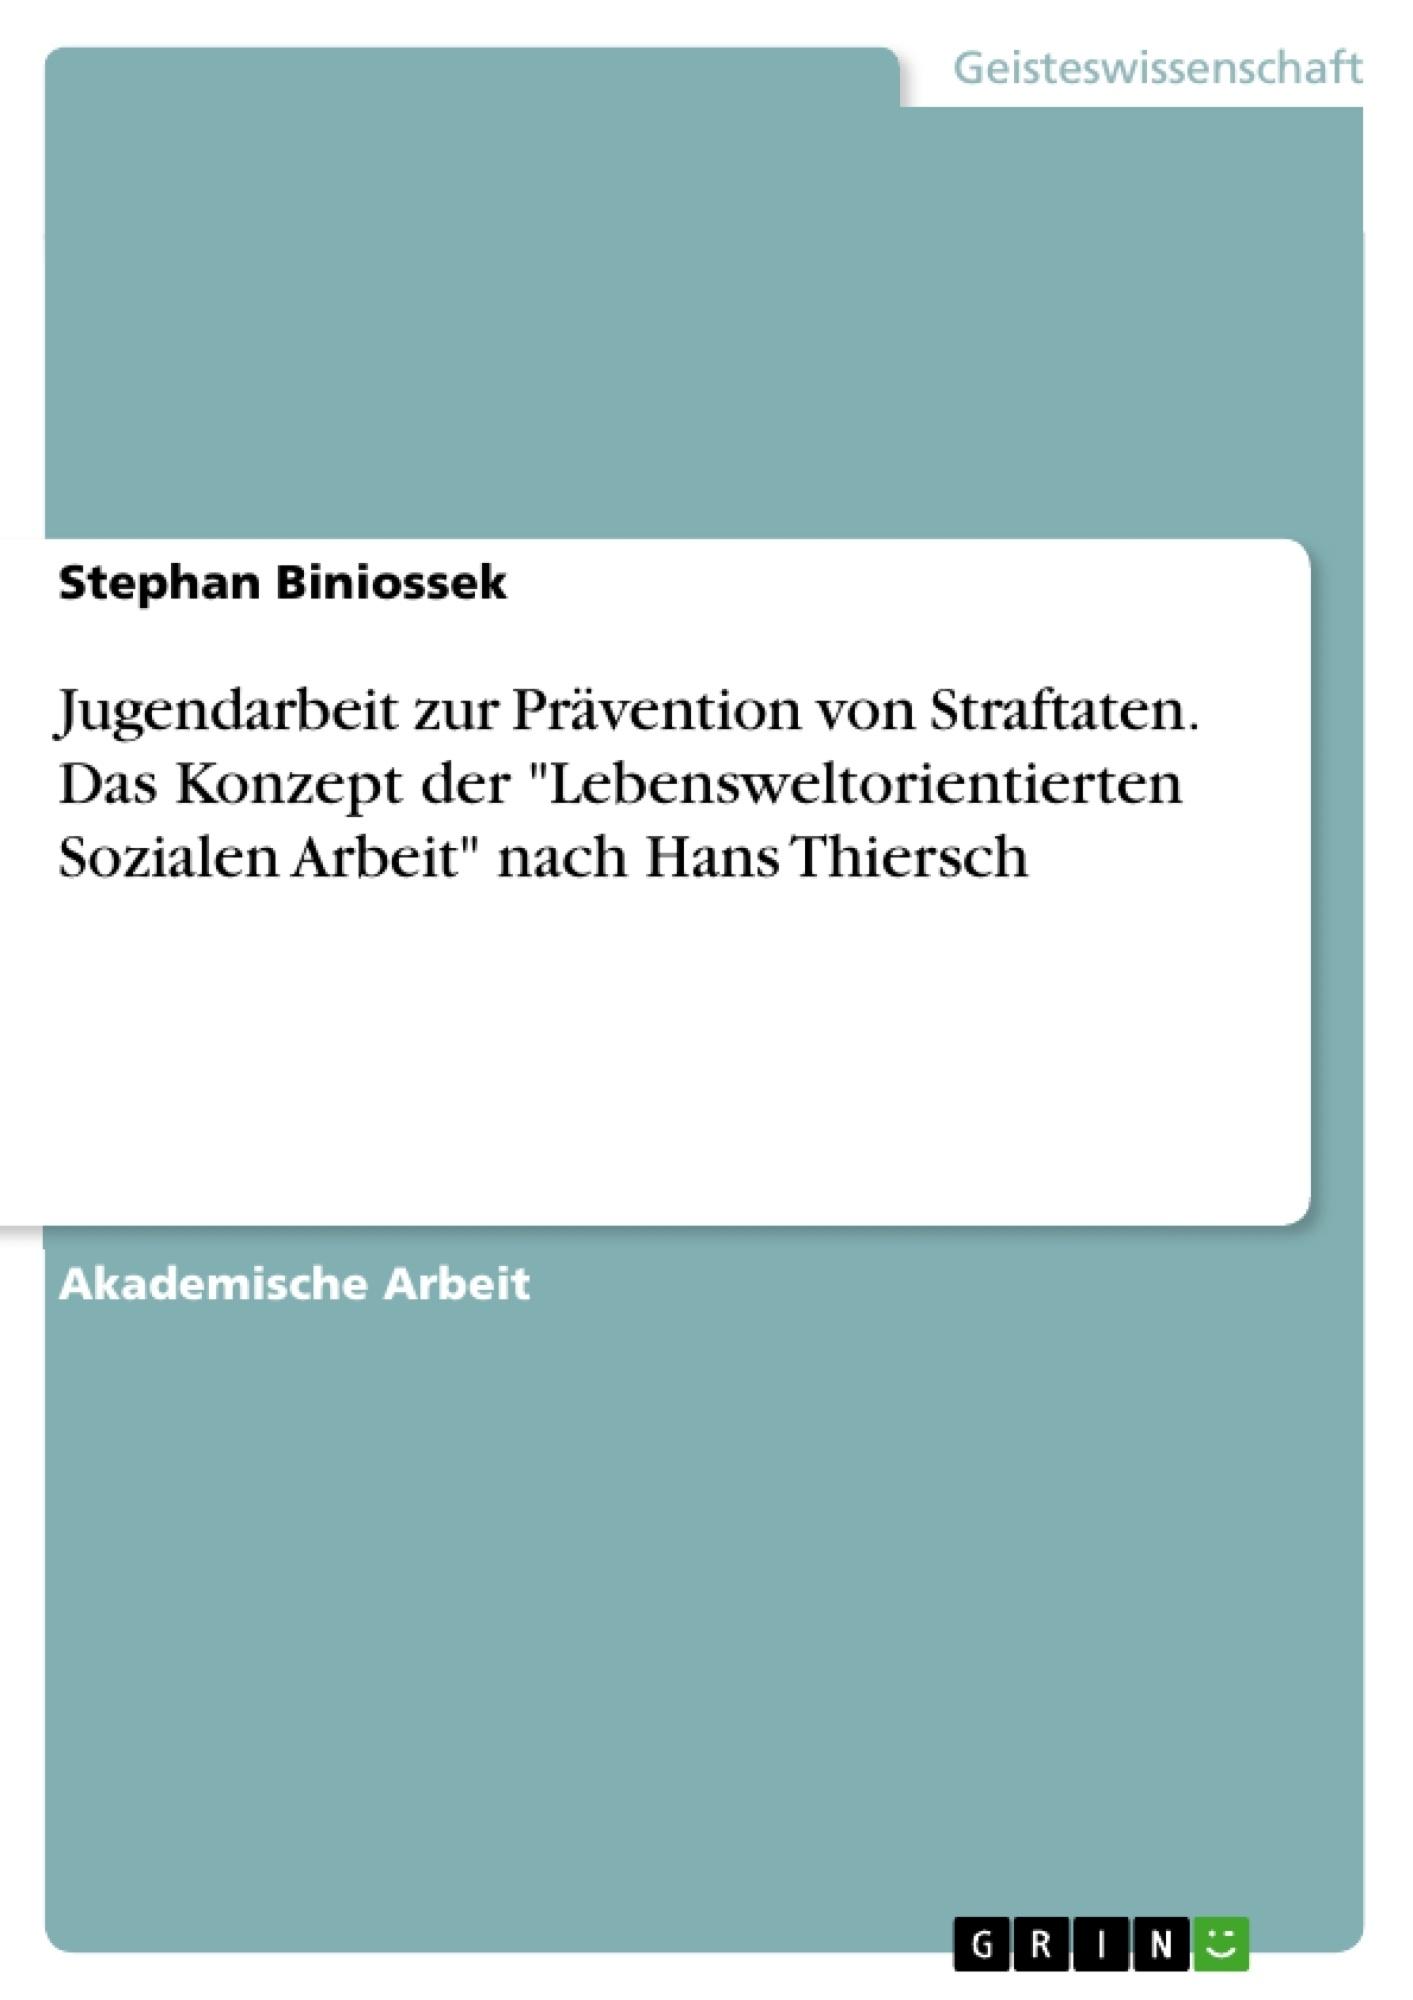 """Titel: Jugendarbeit zur Prävention von Straftaten. Das Konzept der """"Lebensweltorientierten Sozialen Arbeit"""" nach Hans Thiersch"""